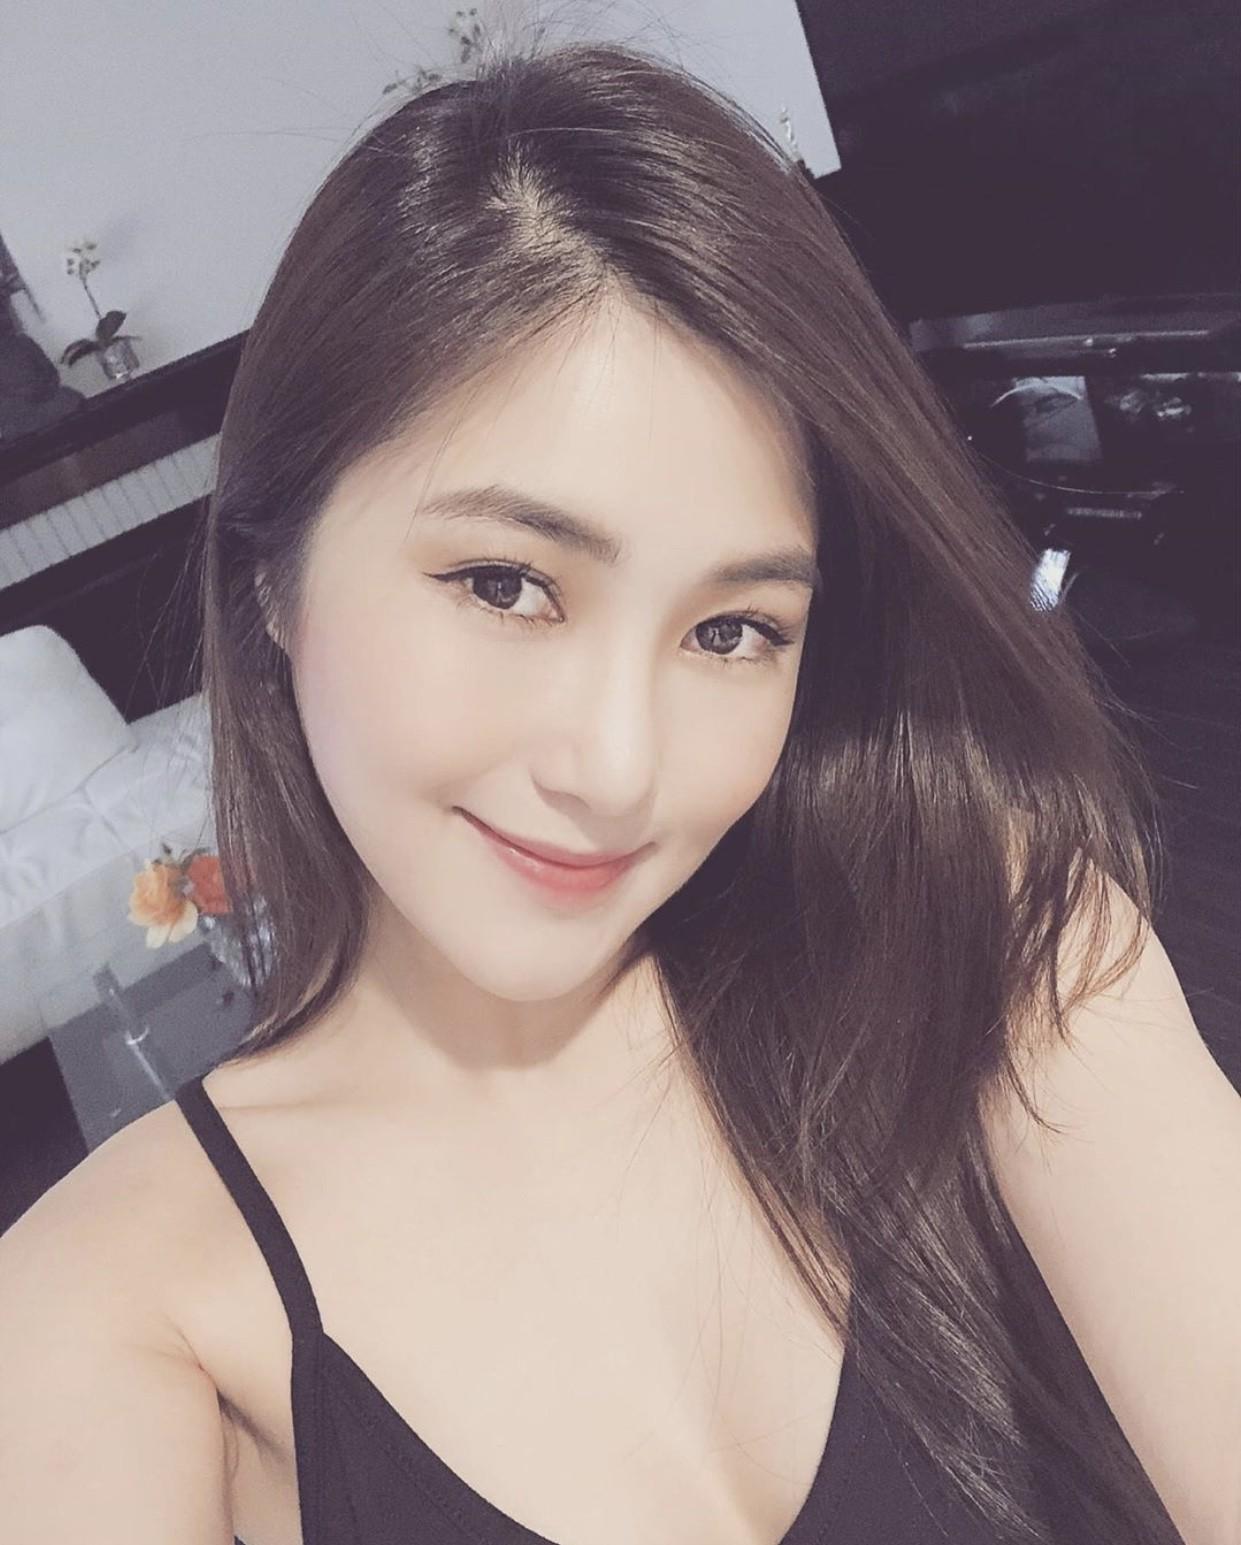 Sao Việt hôm nay (31/5): Ngọc Trinh đá xéo kẻ ganh ghét mình, Thanh Hằng mặc bikini khoe triệt để 3 vòng gợi cảm - Ảnh 4.